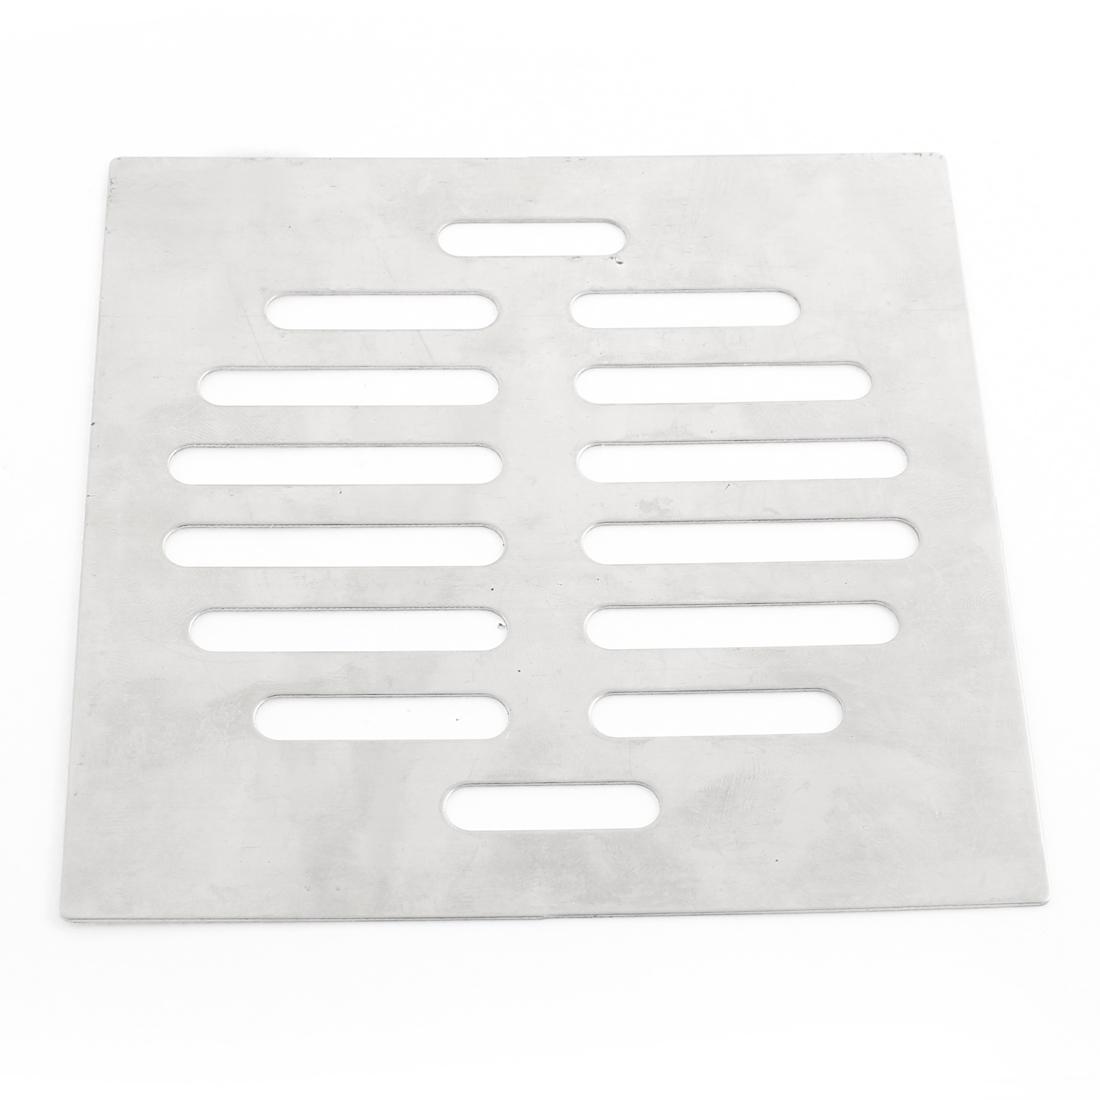 4.5 Inch Stainless Steel Floor Strainer Kitchen Bathroom Sink Filter